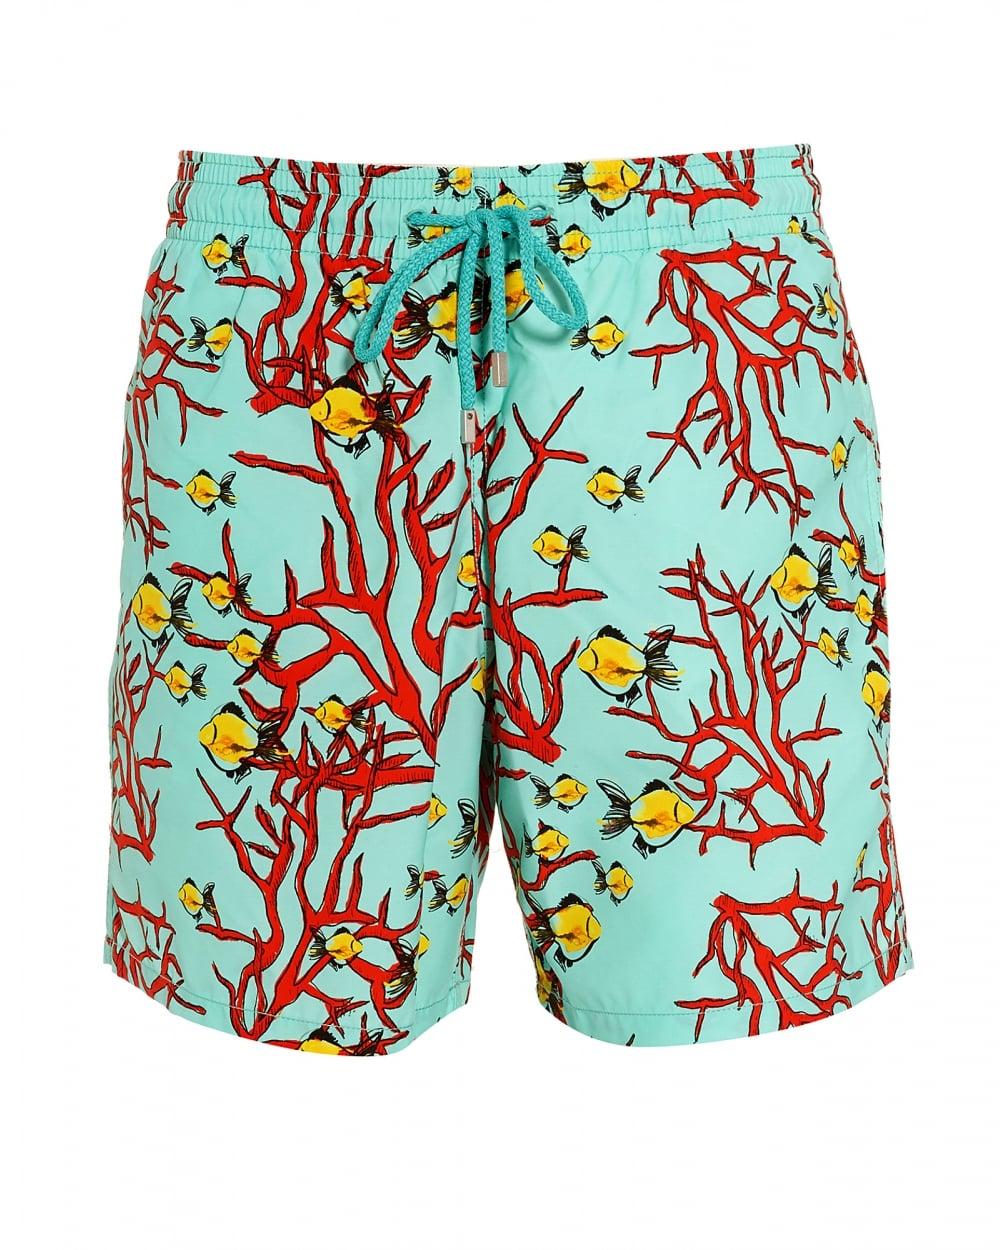 72d68289e4 Mens Moorea Swim Shorts, Lagoon Blue Coral Fish Swimming Trunks